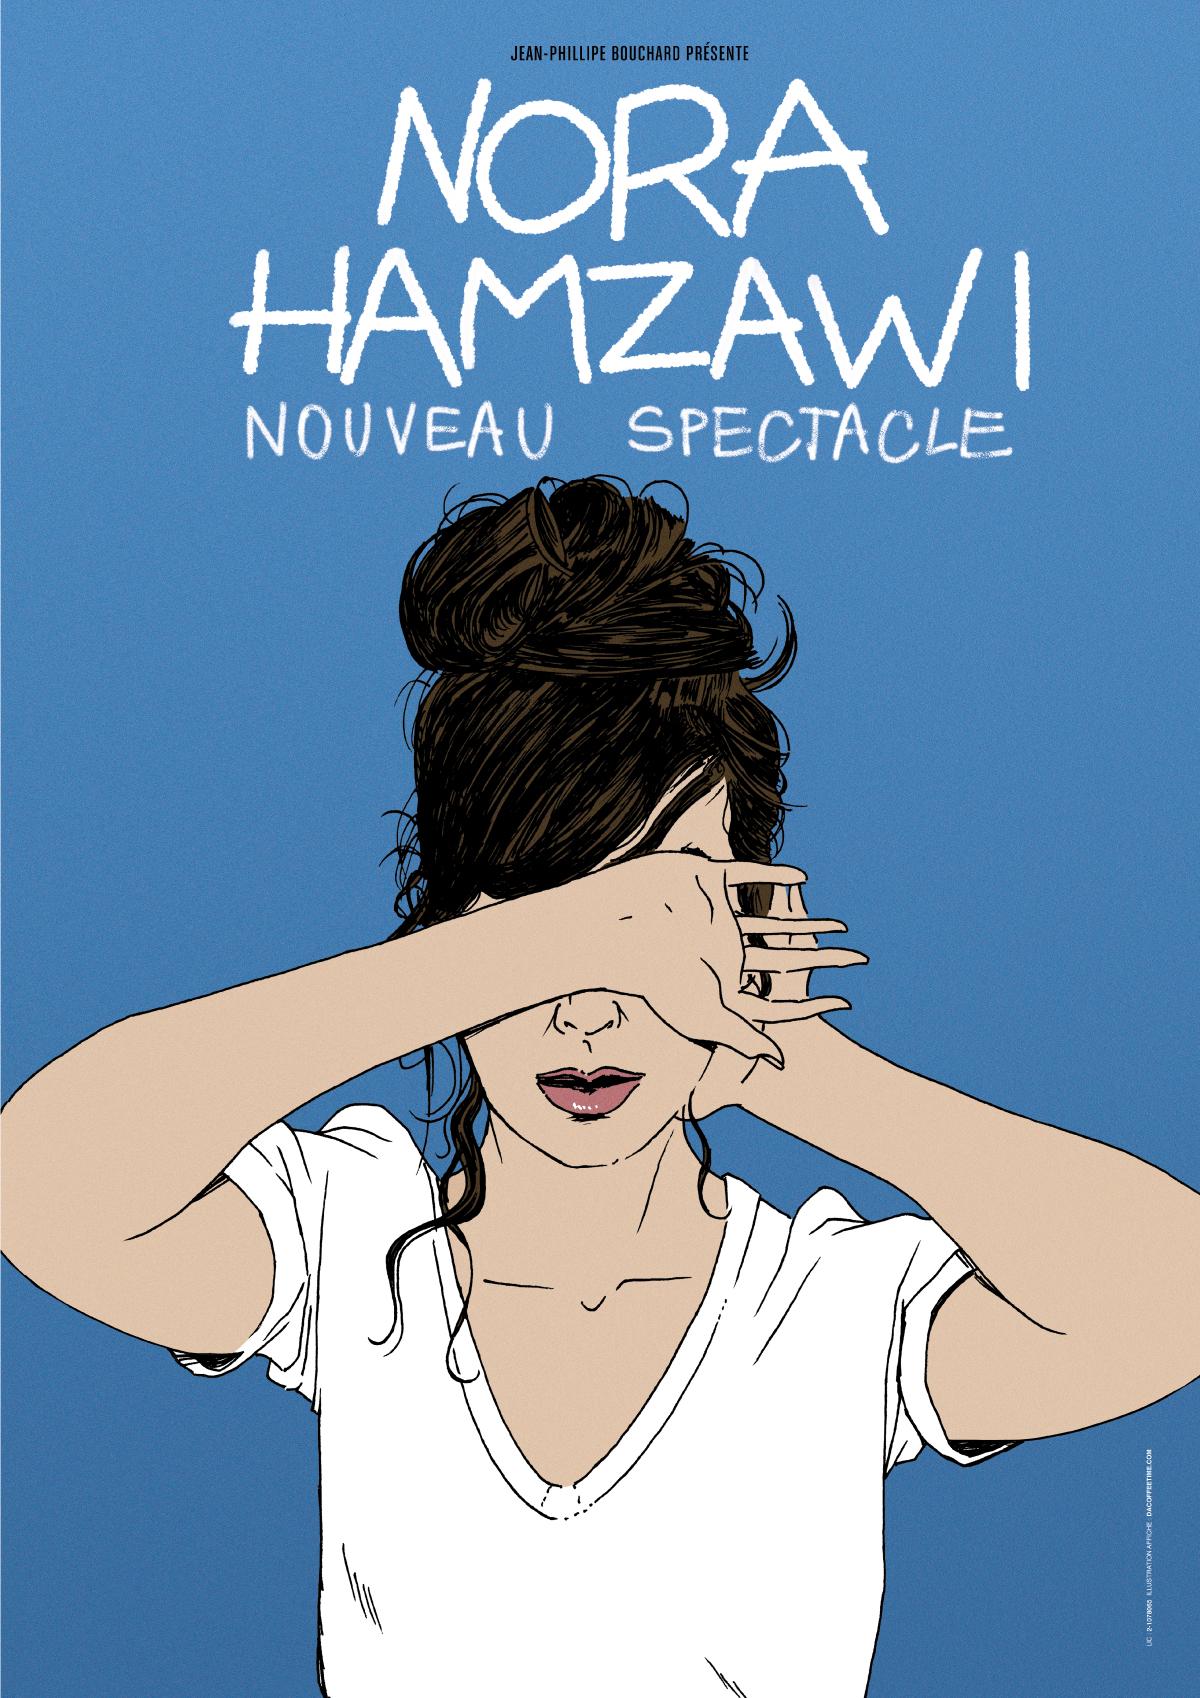 9ème Festival d'Humour : Nora HAMZAWI